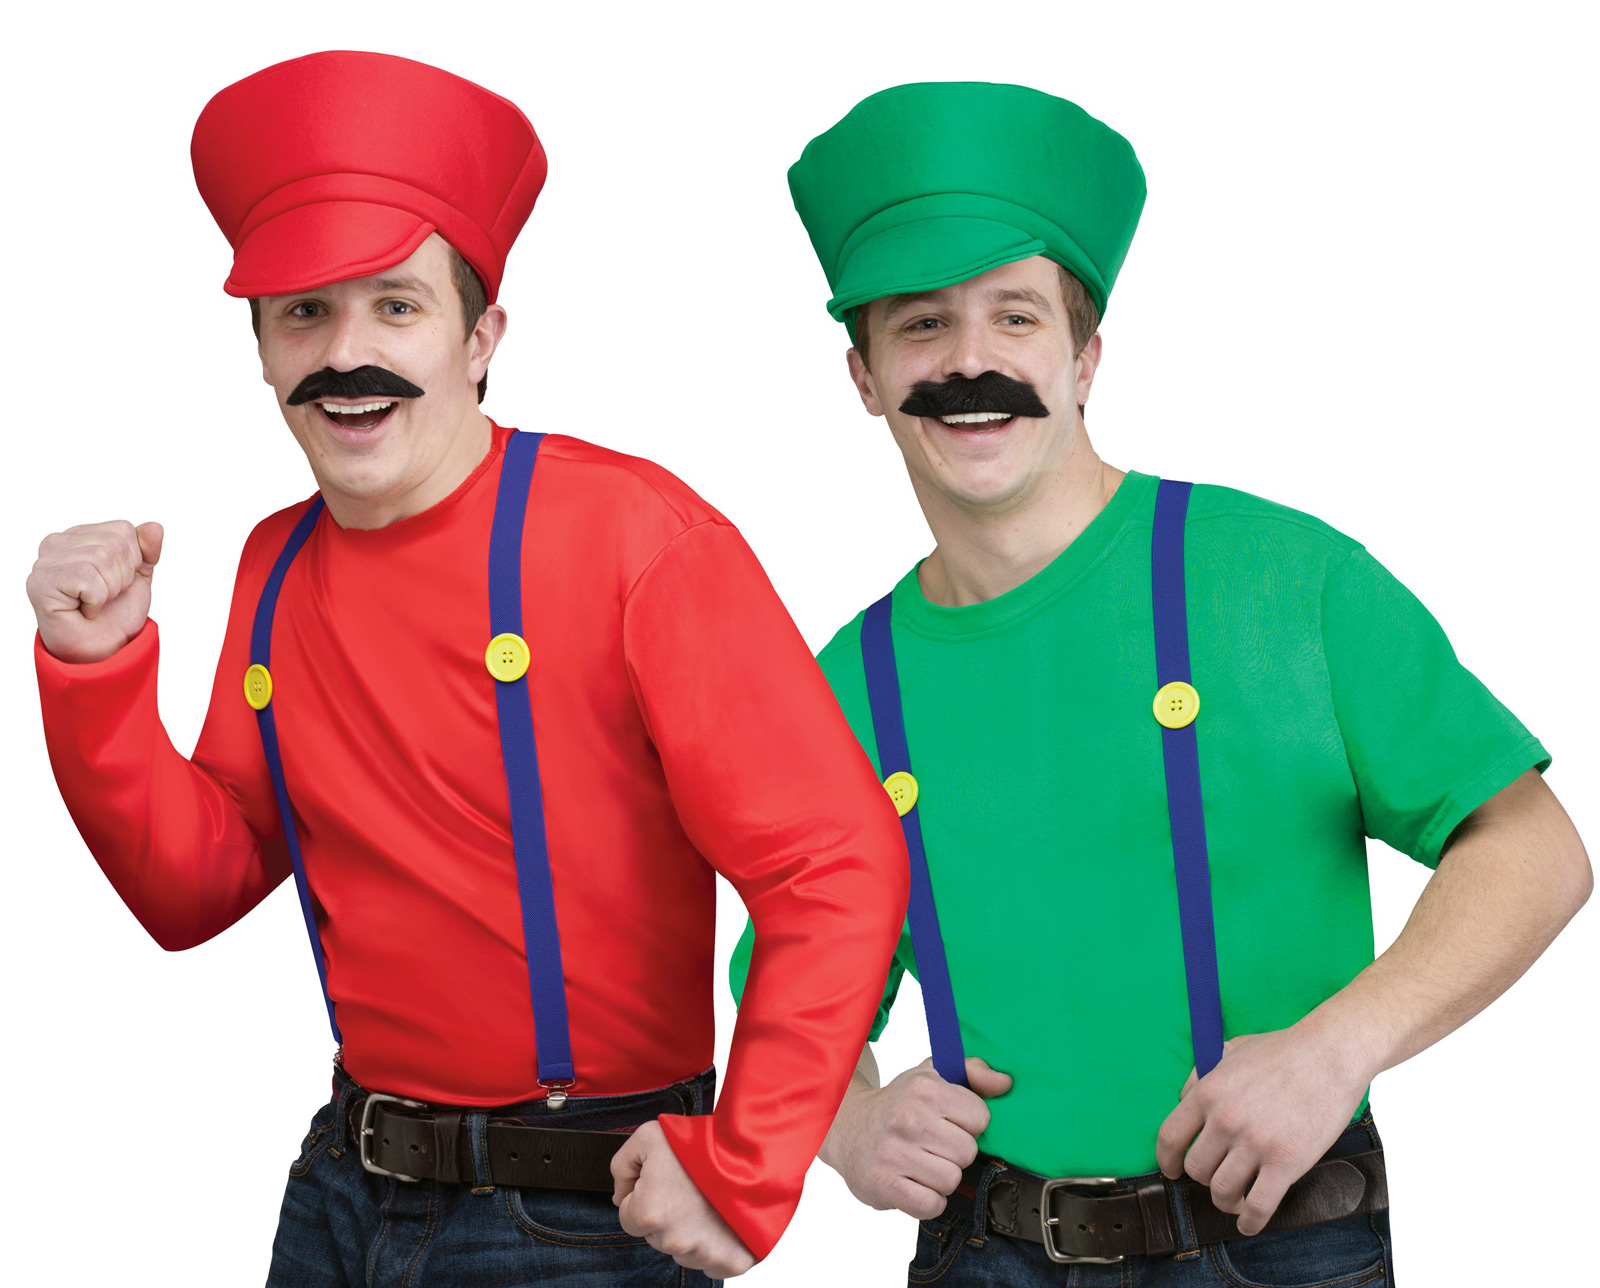 Super MARIO LUIGI BROS Shirt Hat Adult Costume Kit